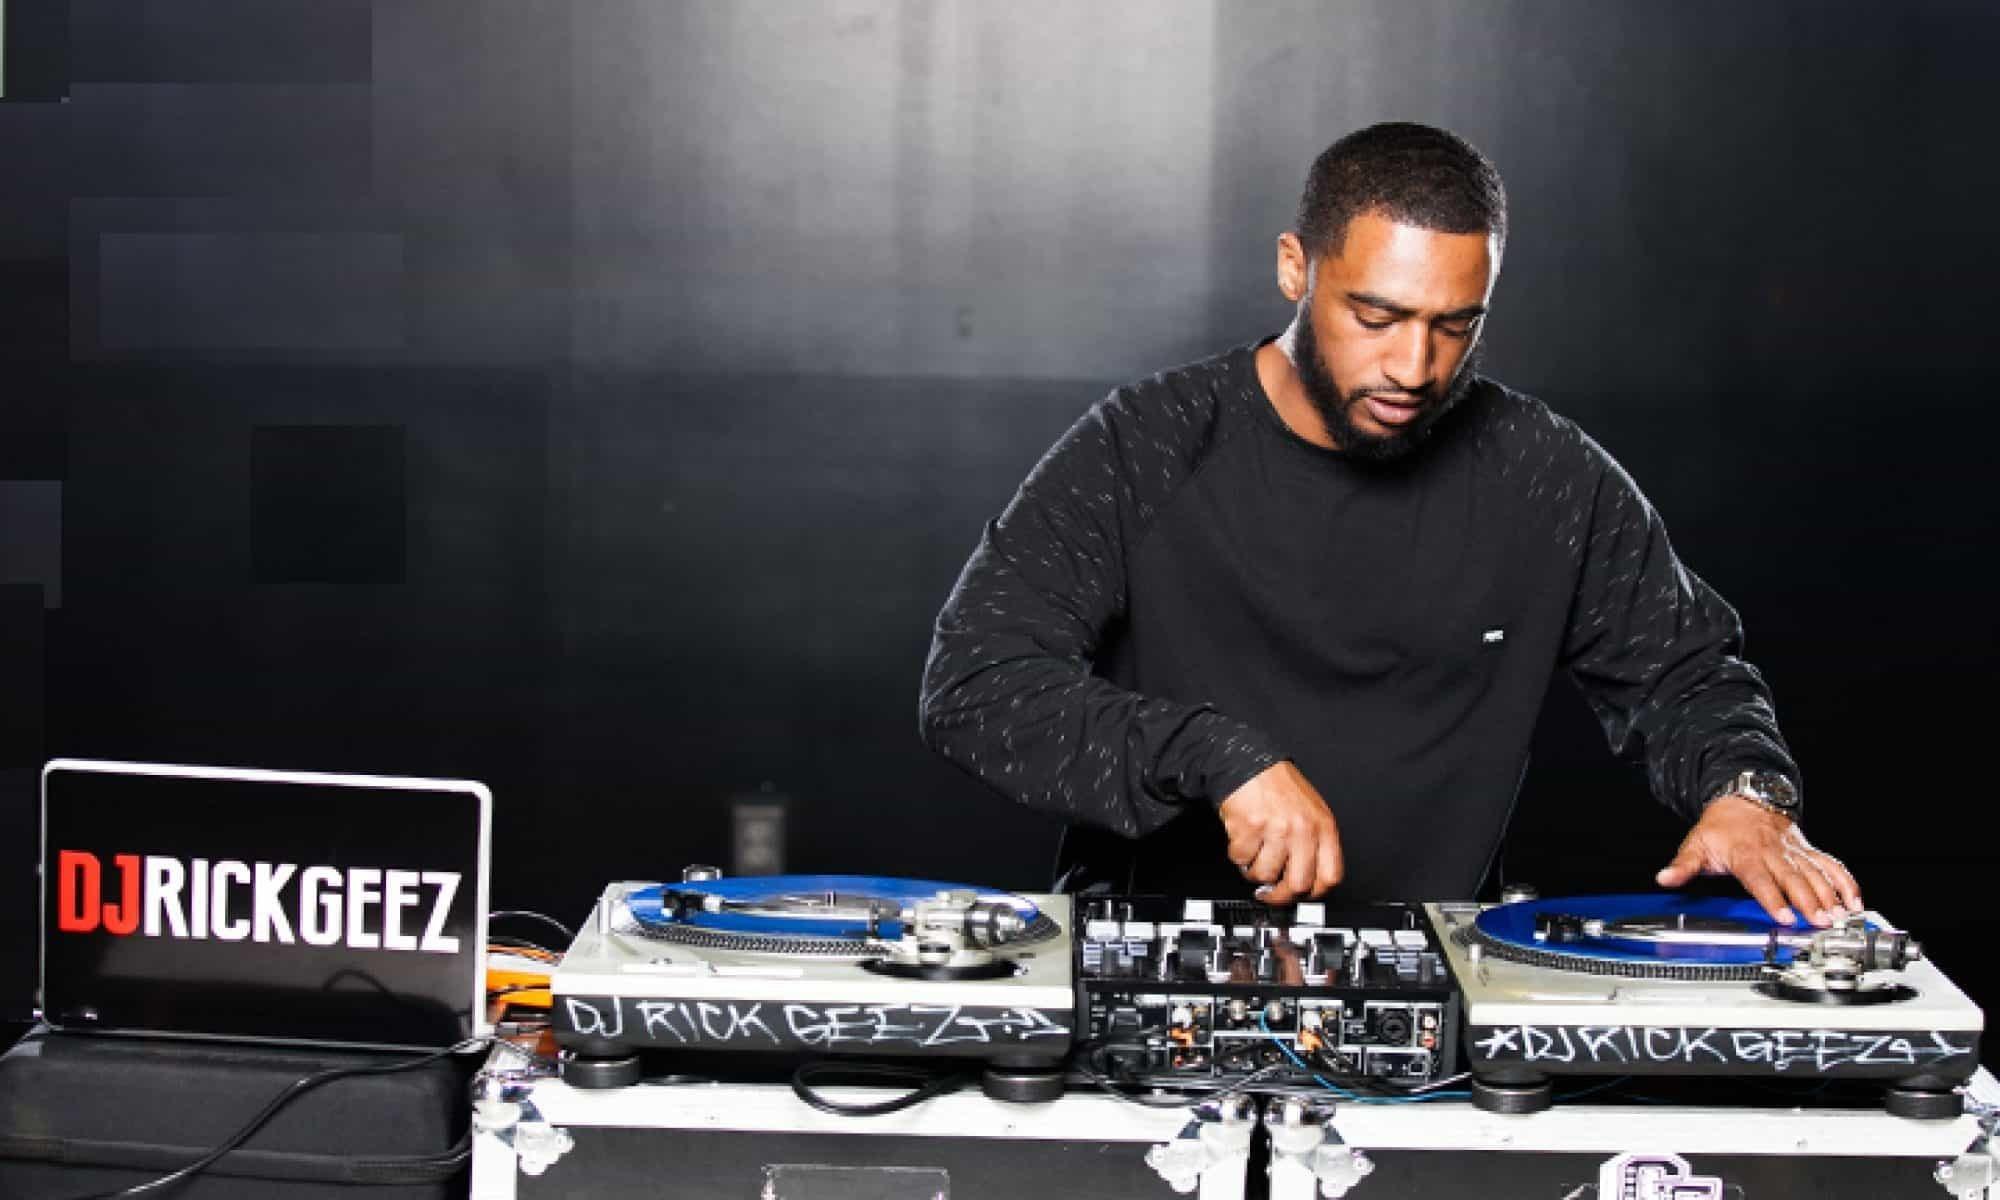 DJ Rick Geez